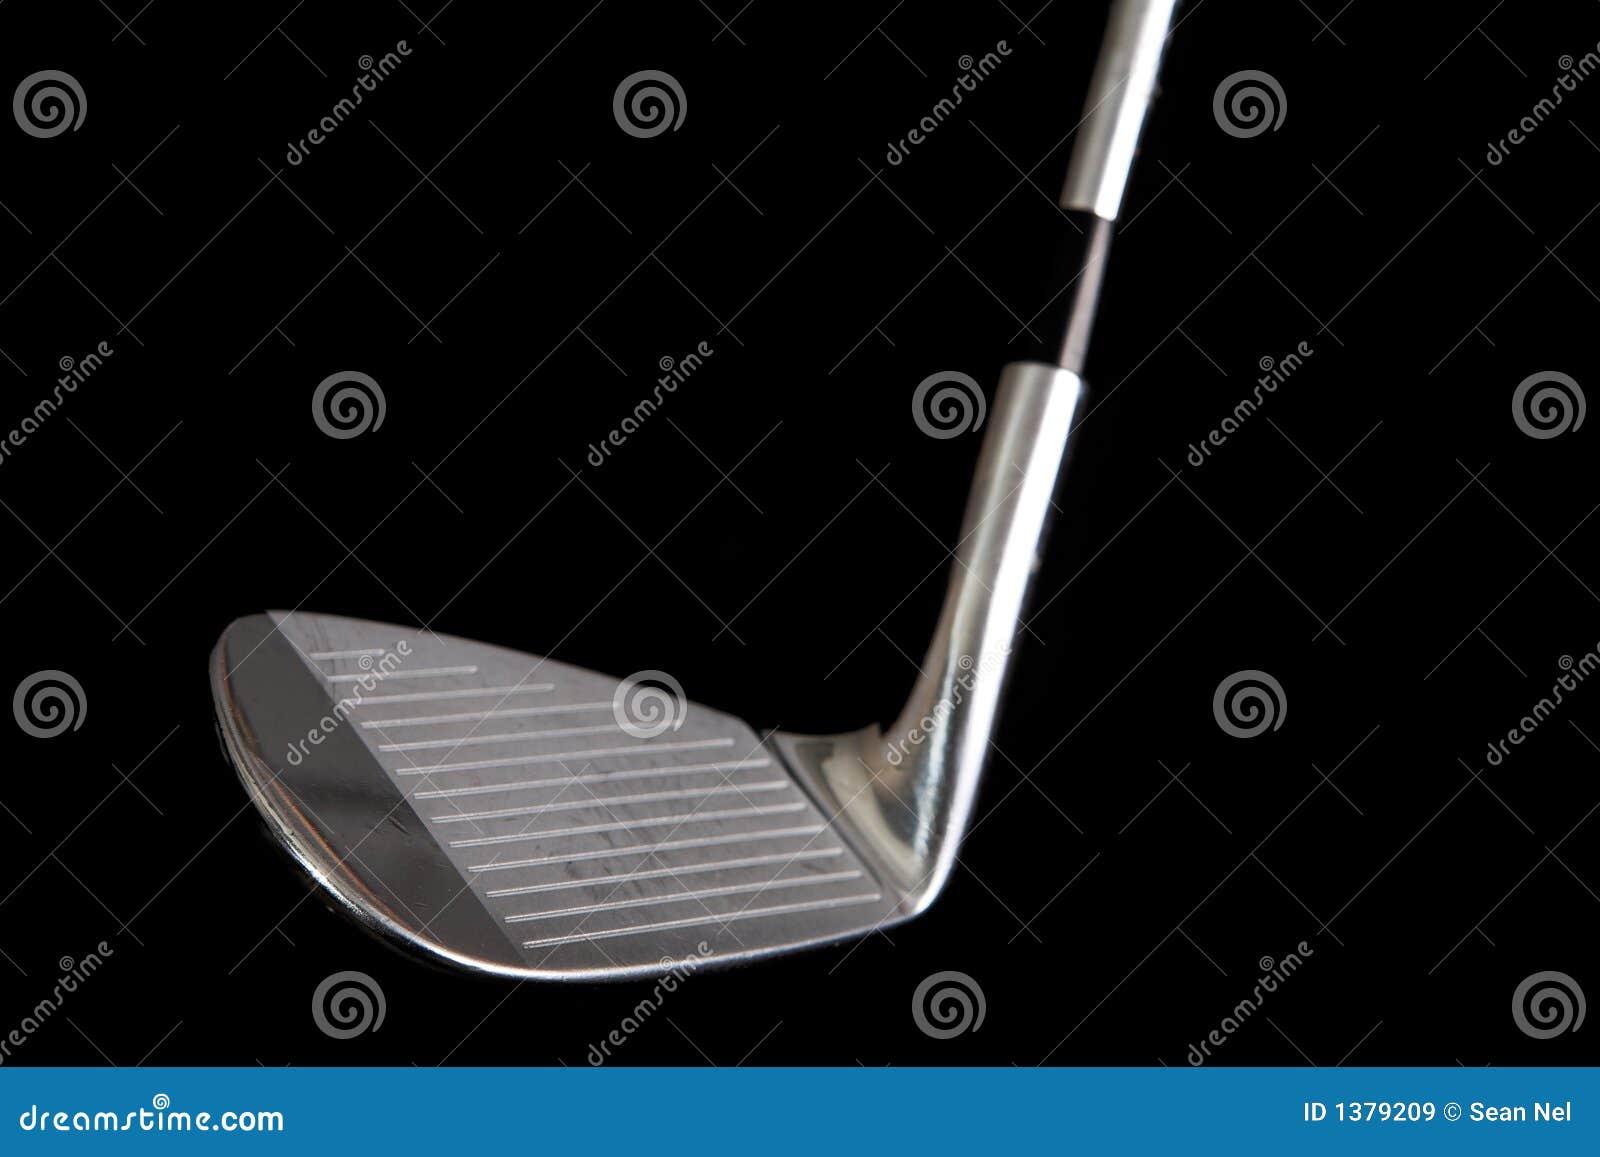 Golfclubs #12